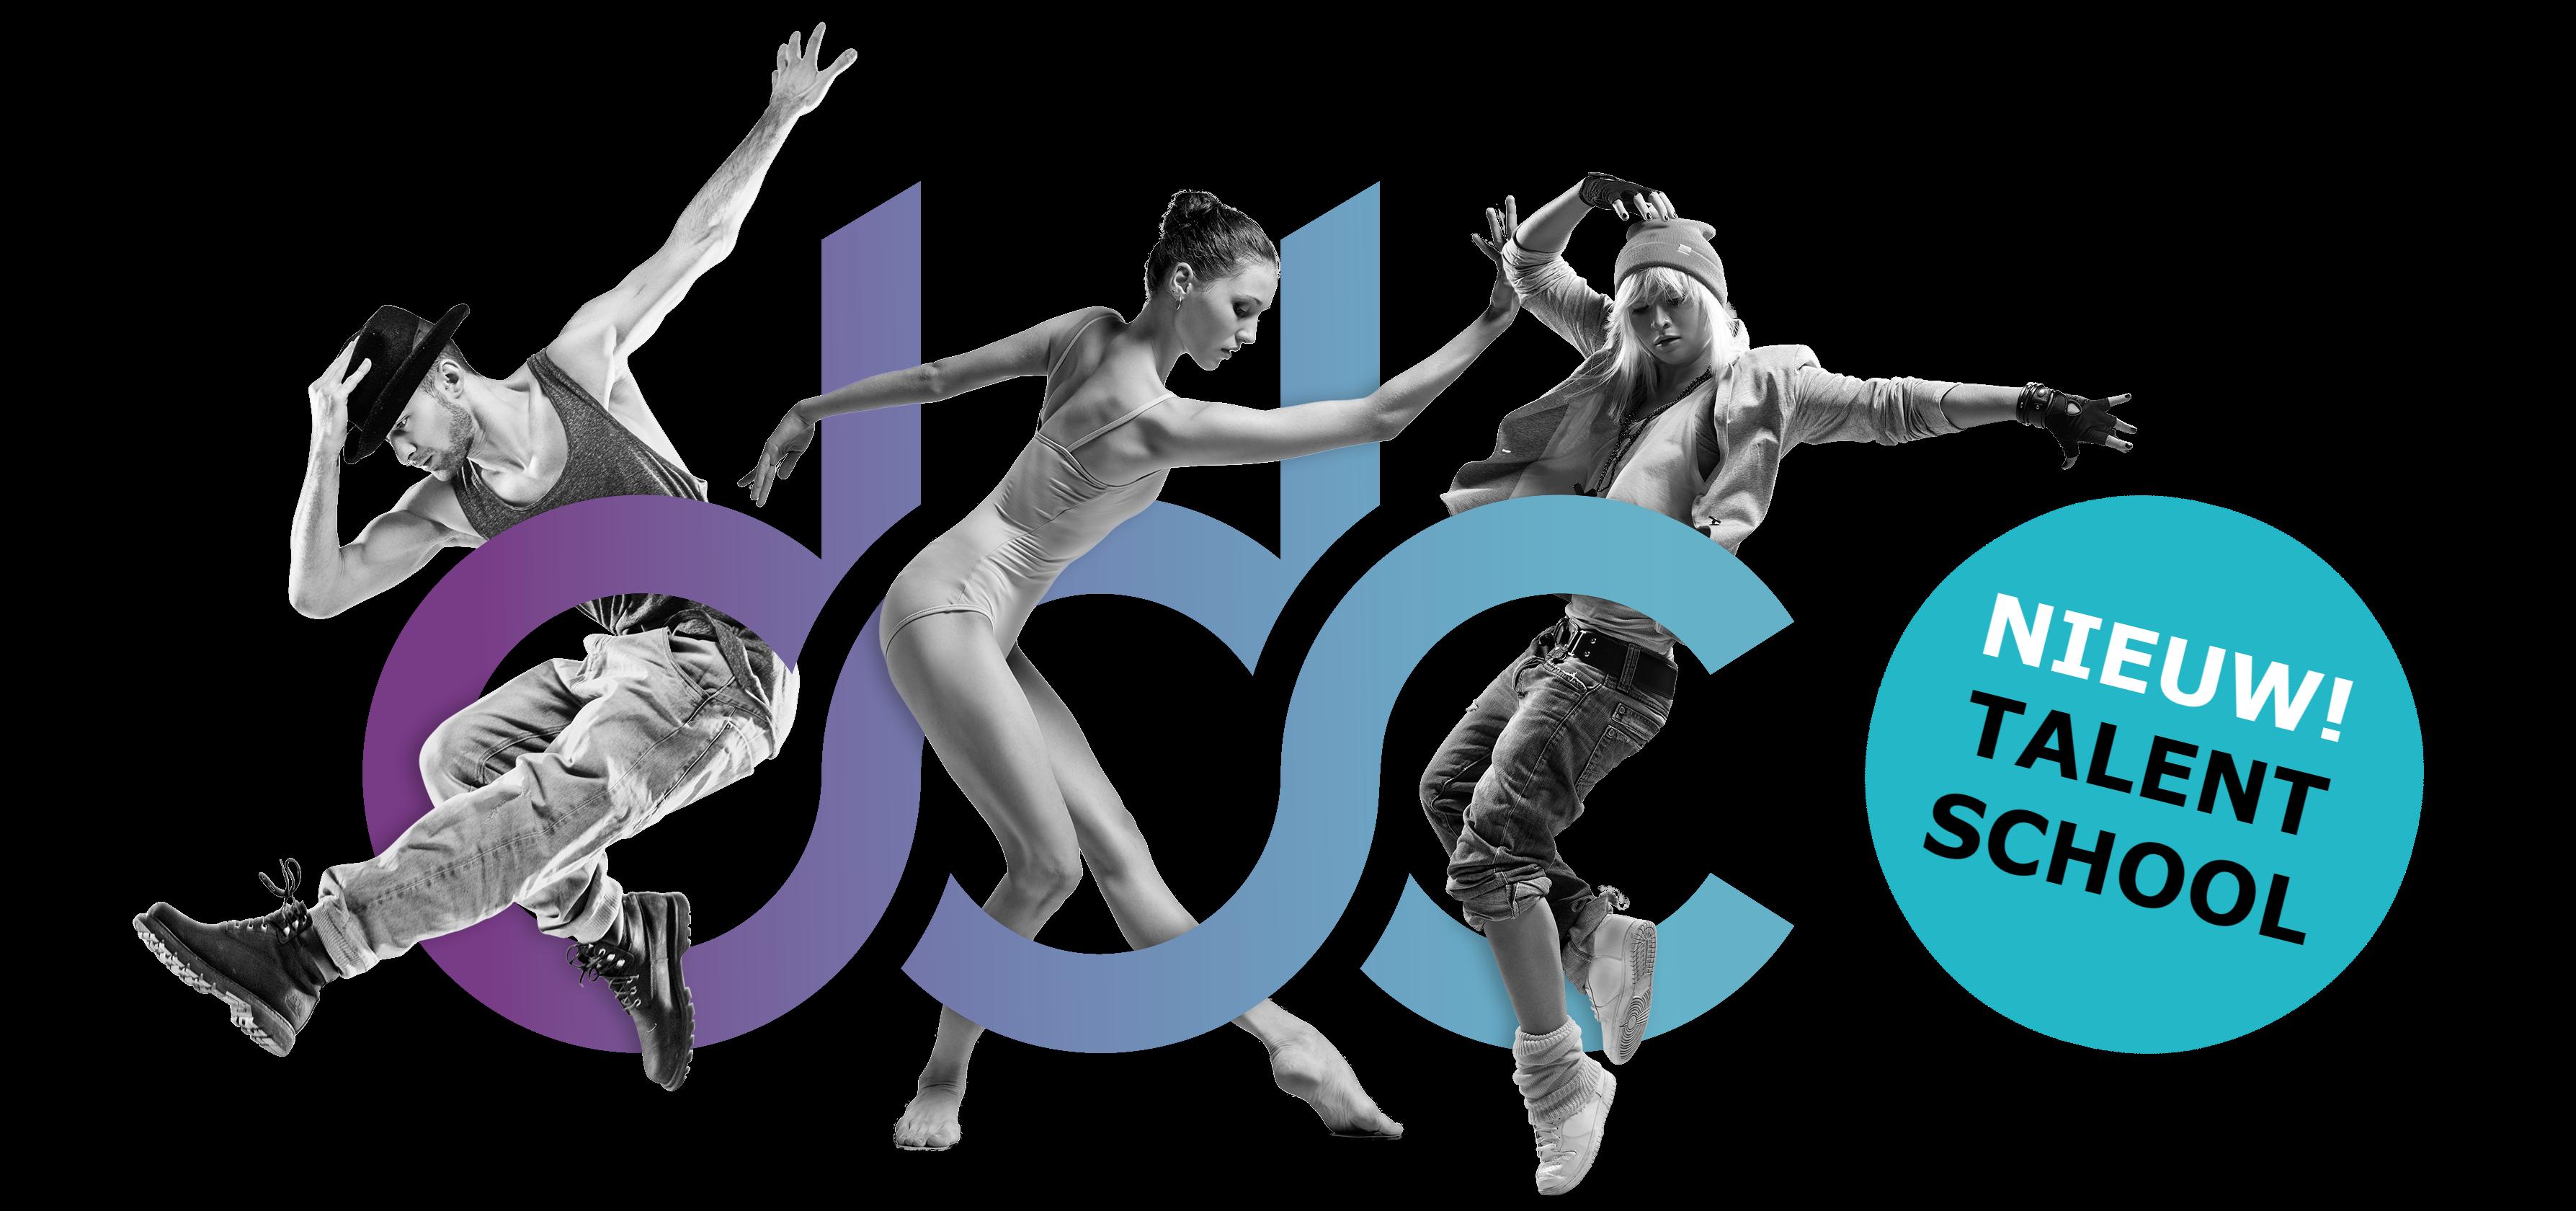 Dolstra-Dance-Centre-logo-met-dansers-zwart-wit-homepage-Vooropleiding-Talent-School